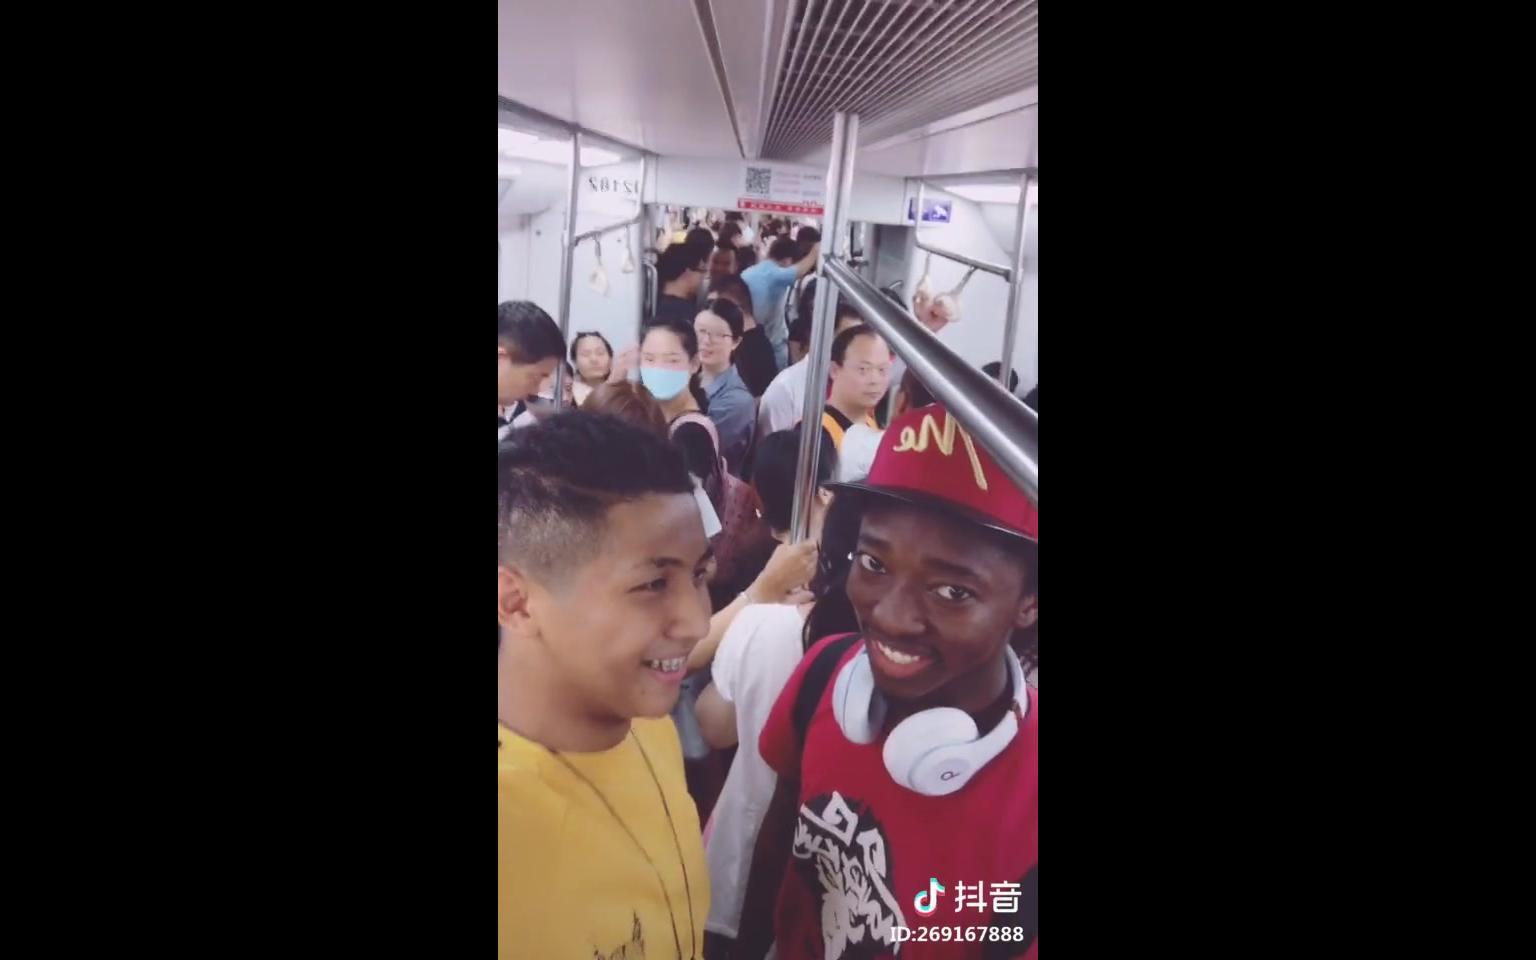 黑人狂飙陕西话